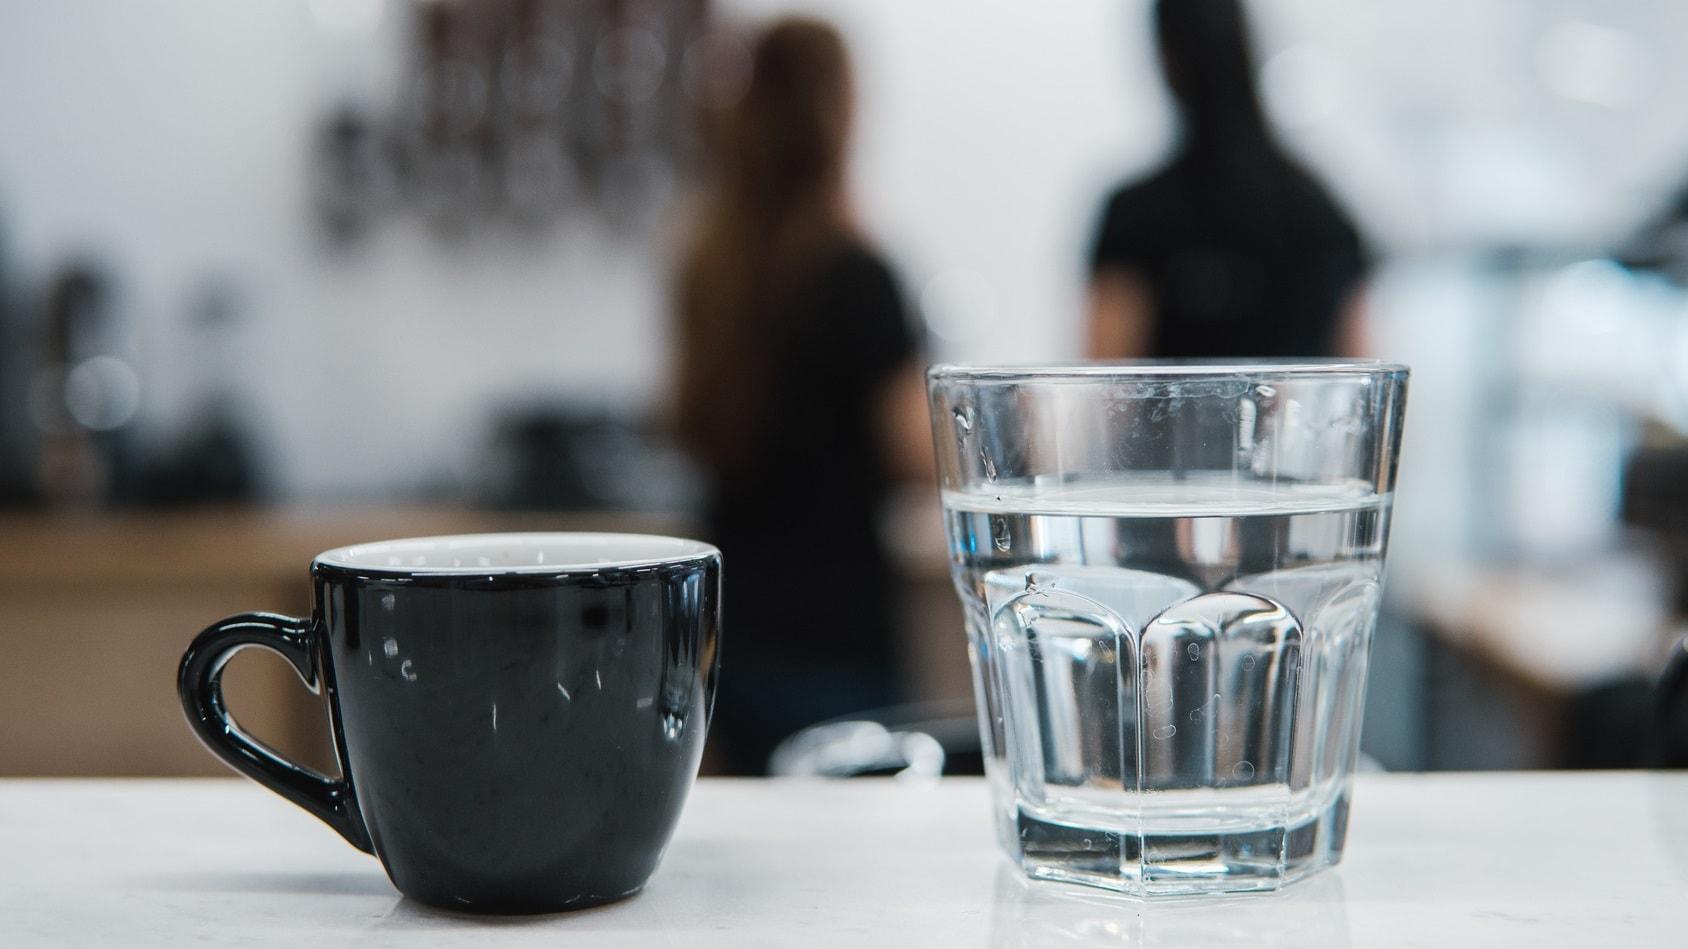 Woda do espresso, co mam z nią zrobić?